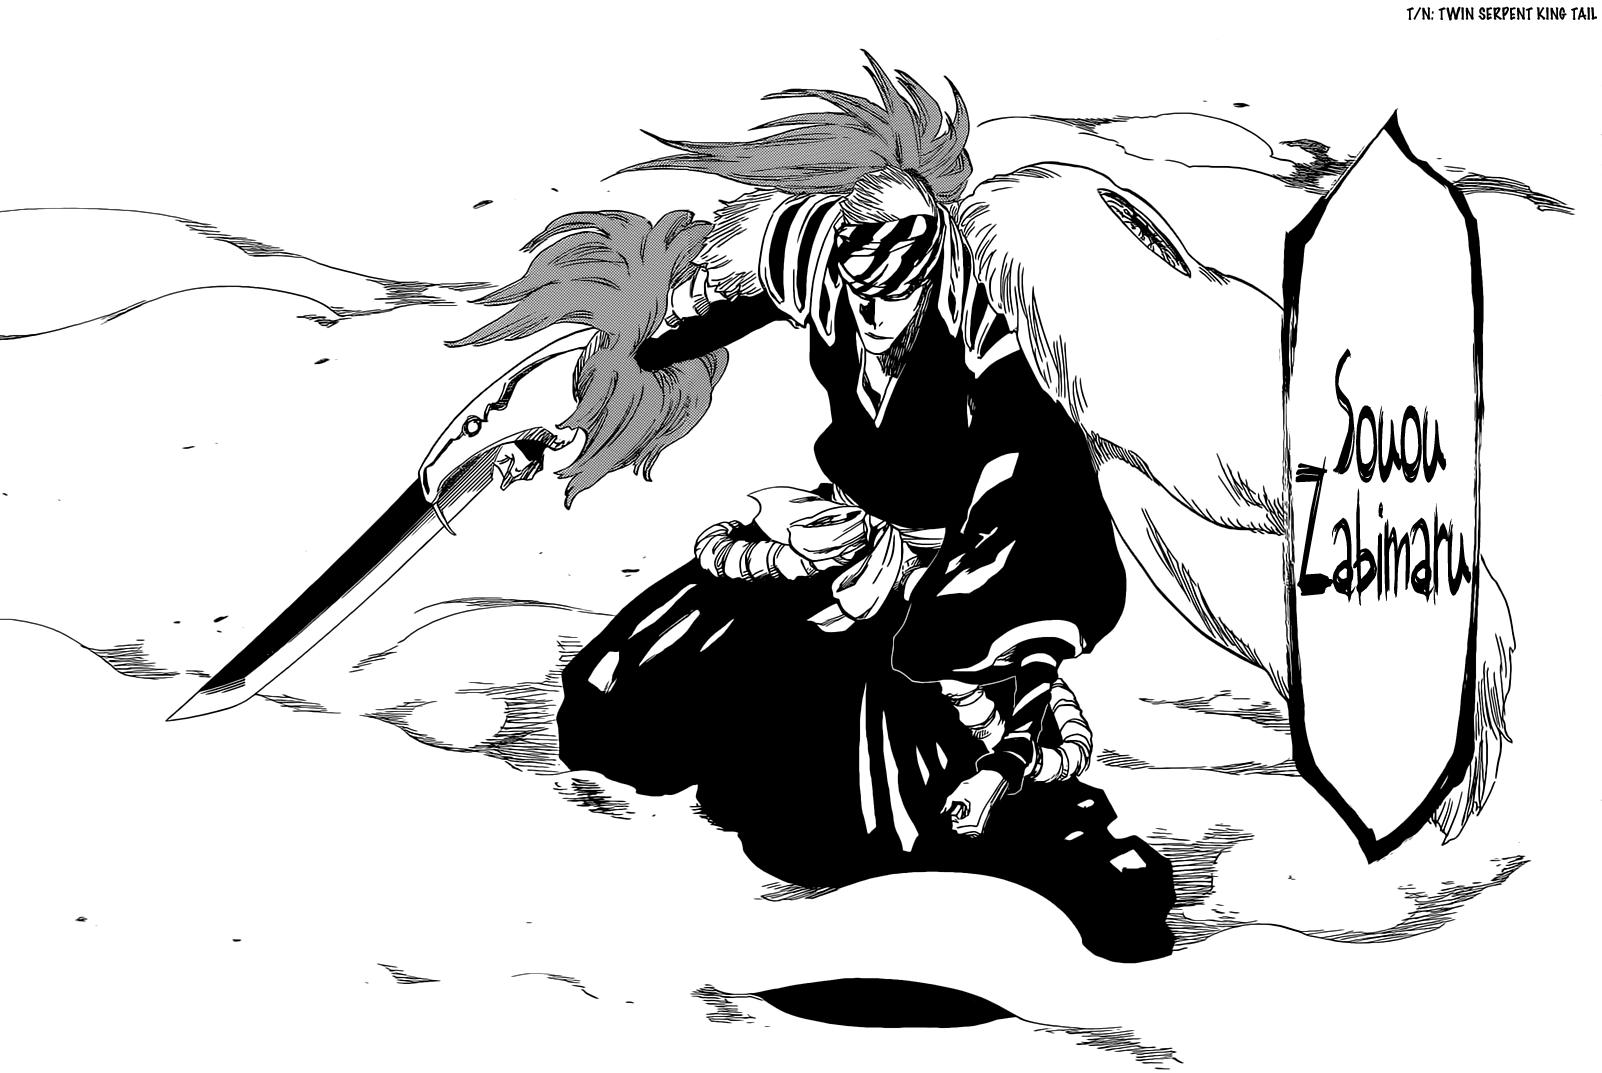 Tournoi de popularité Manga n° 3 - Page 5 Renjis-souou-zabimaru-bankai-twin-serpent-king-tail1